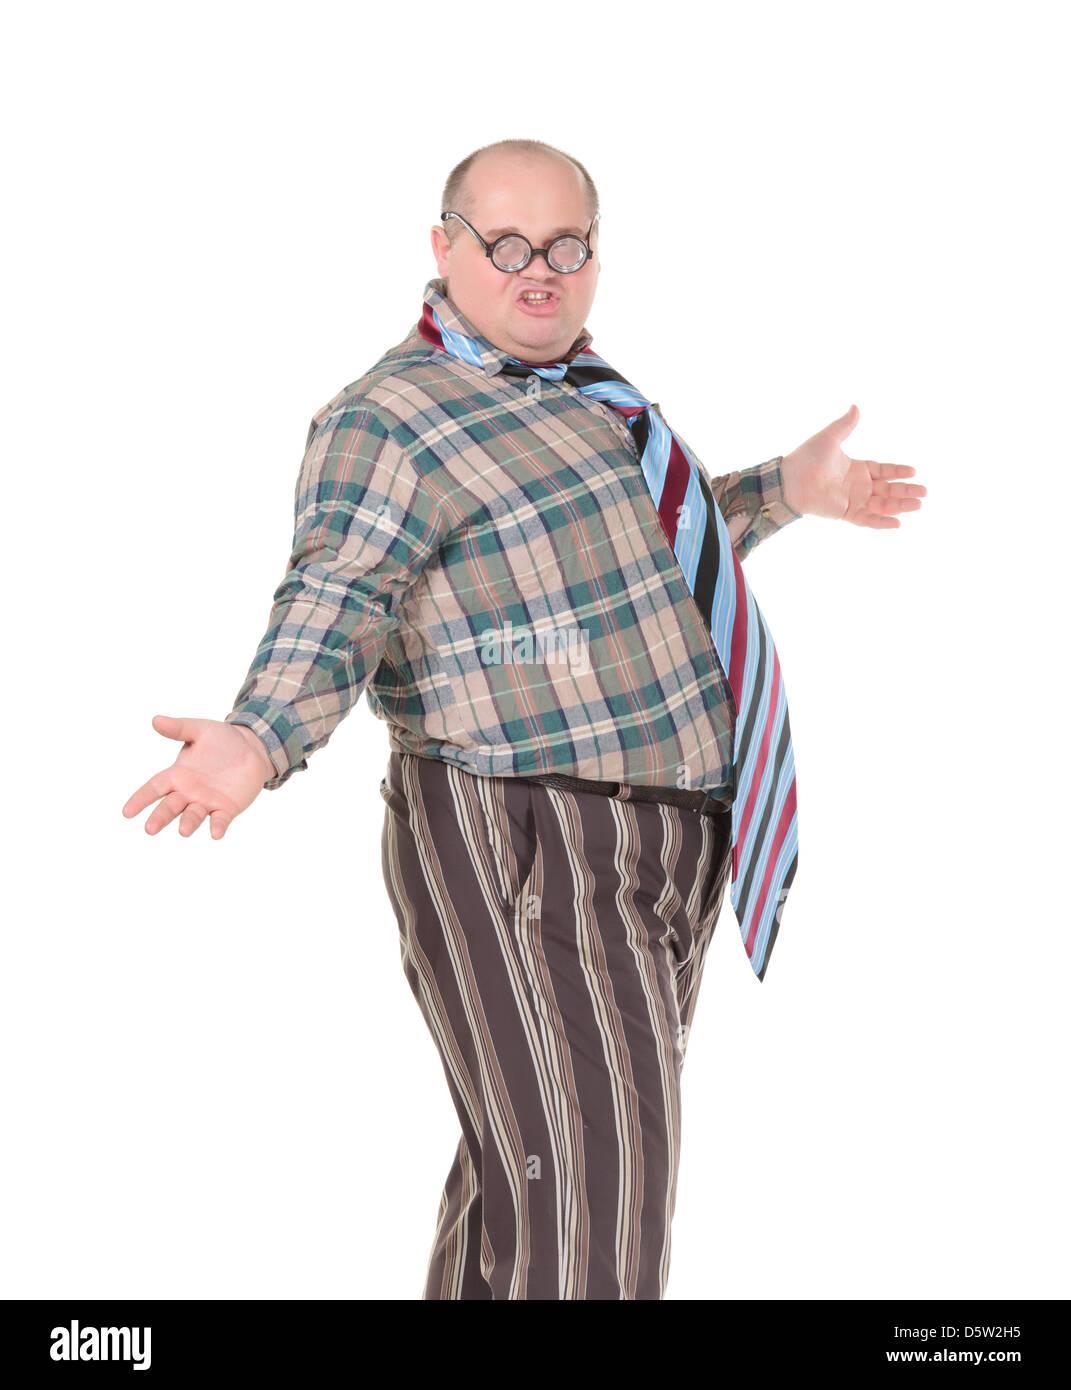 Uomo obesi con uno scandaloso senso di moda Immagini Stock